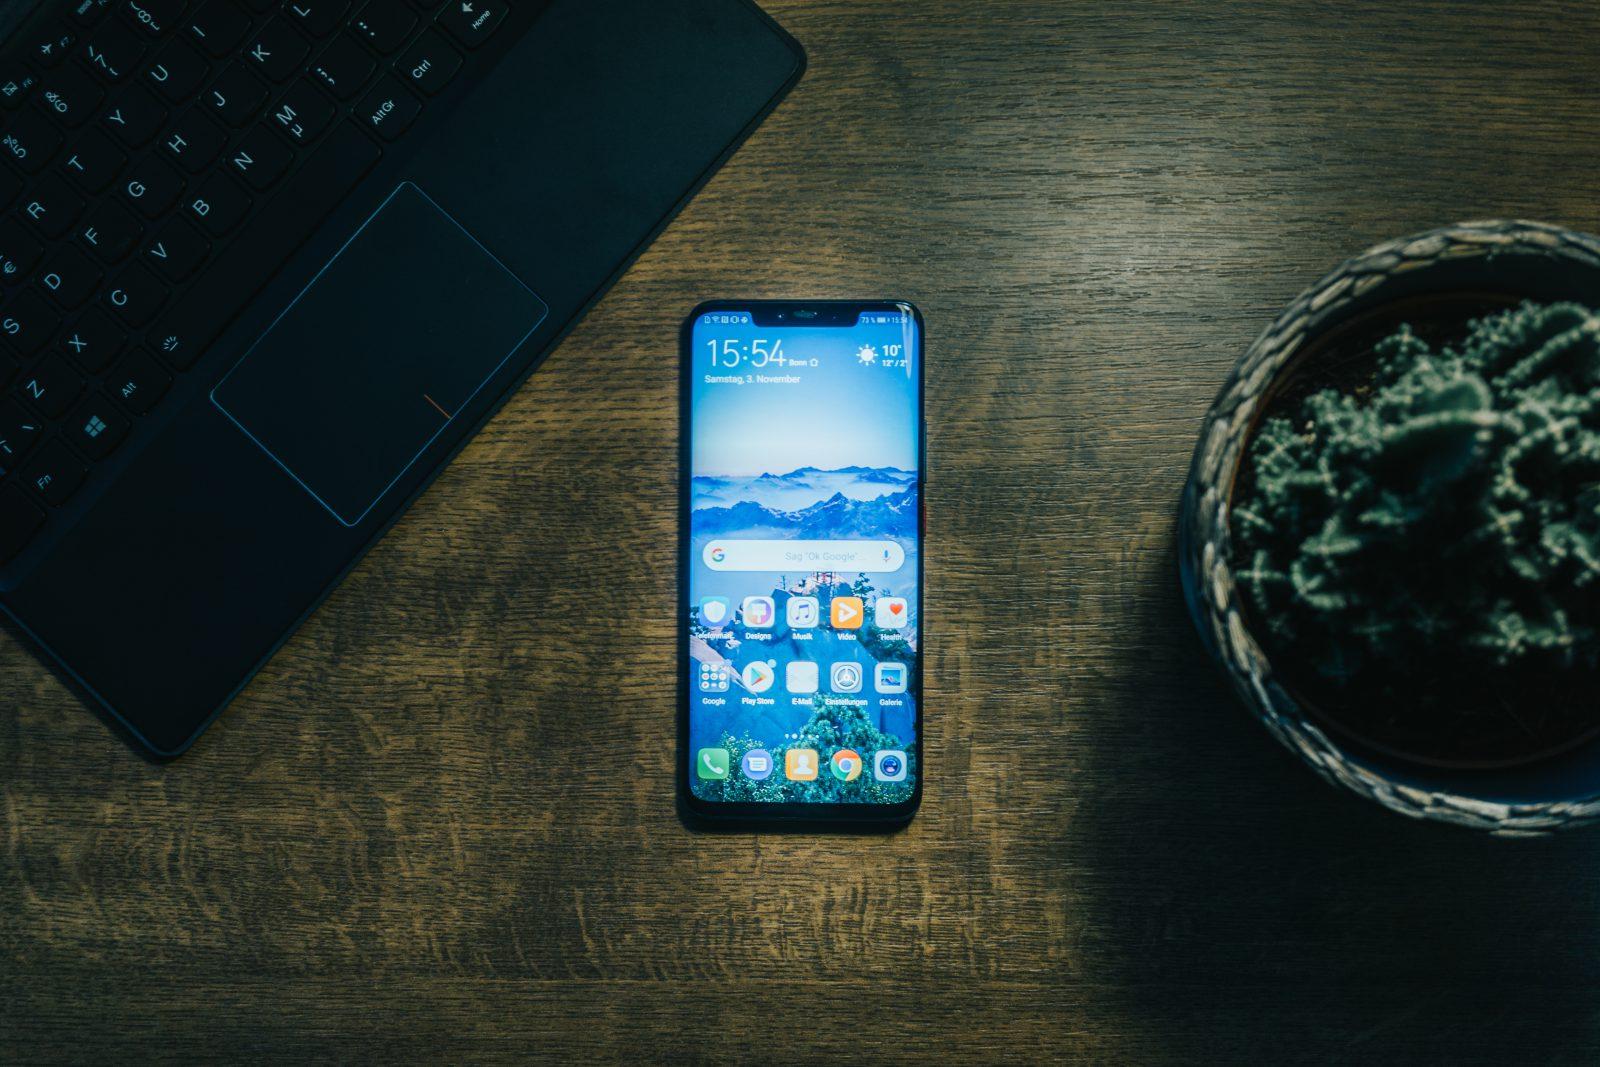 Huawei besturingssysteem